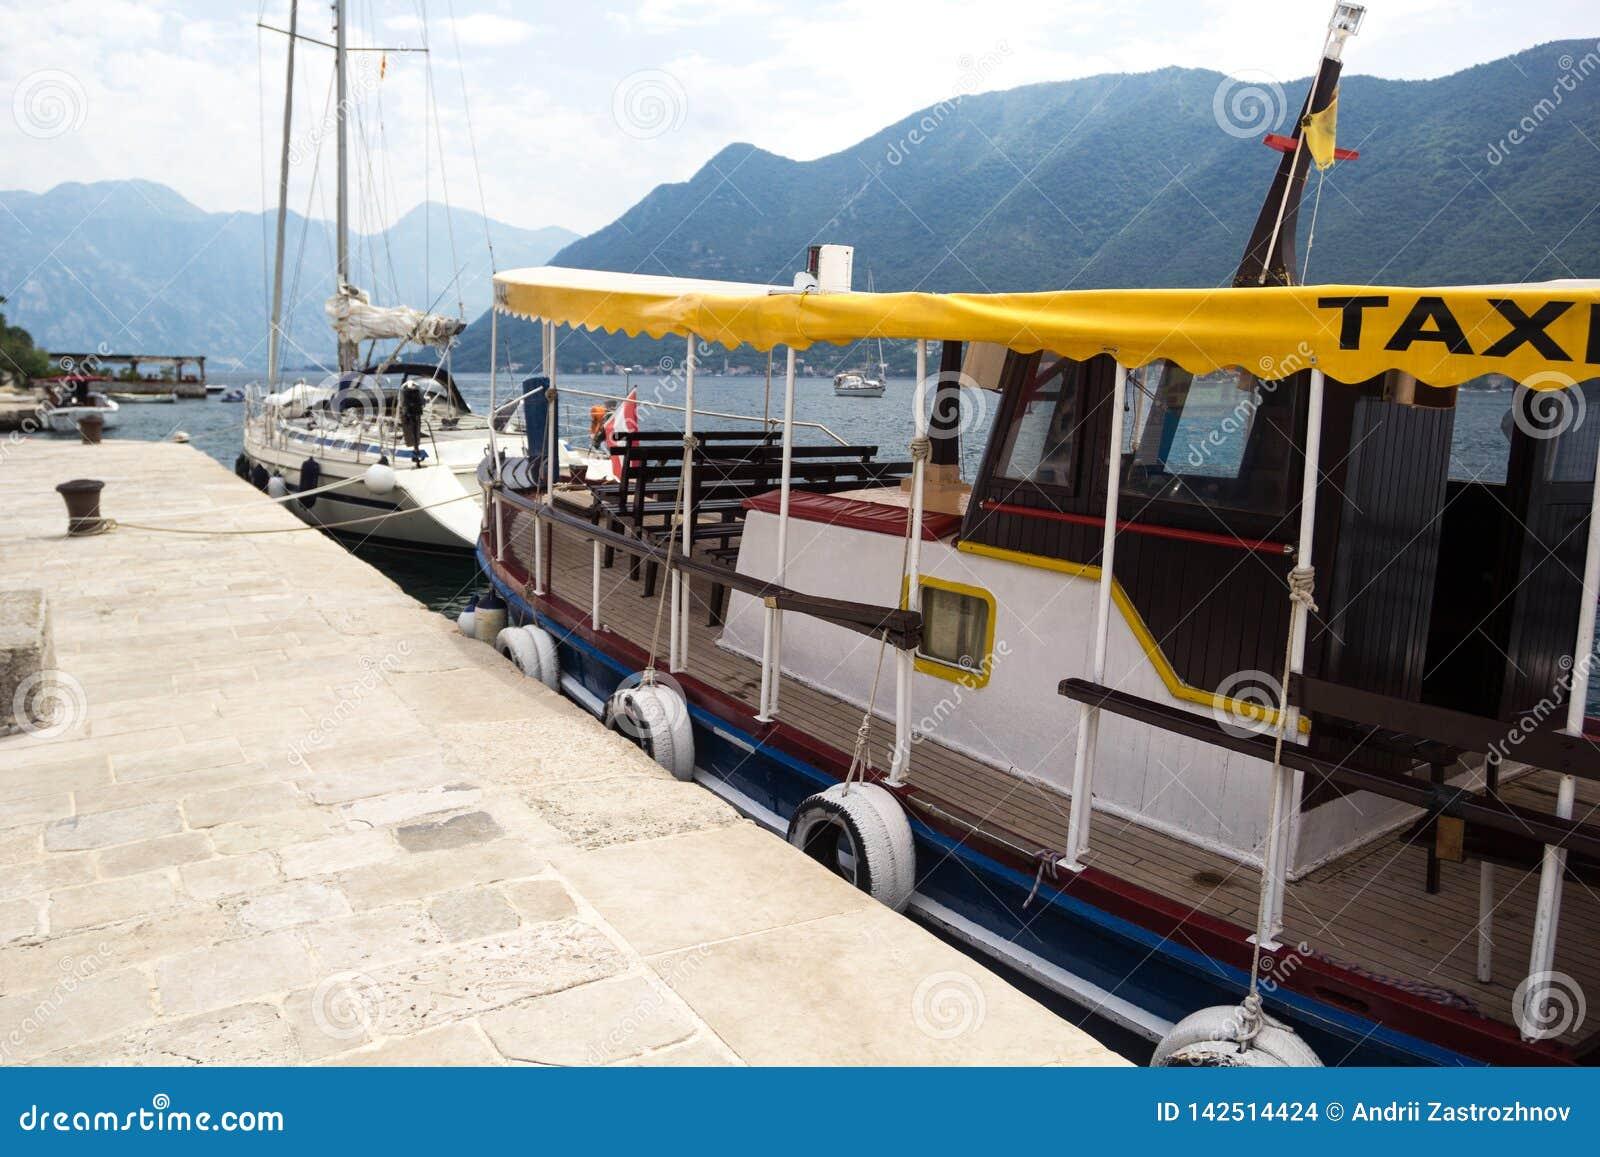 Taxi del barco en el embarcadero Embarcadero de piedra